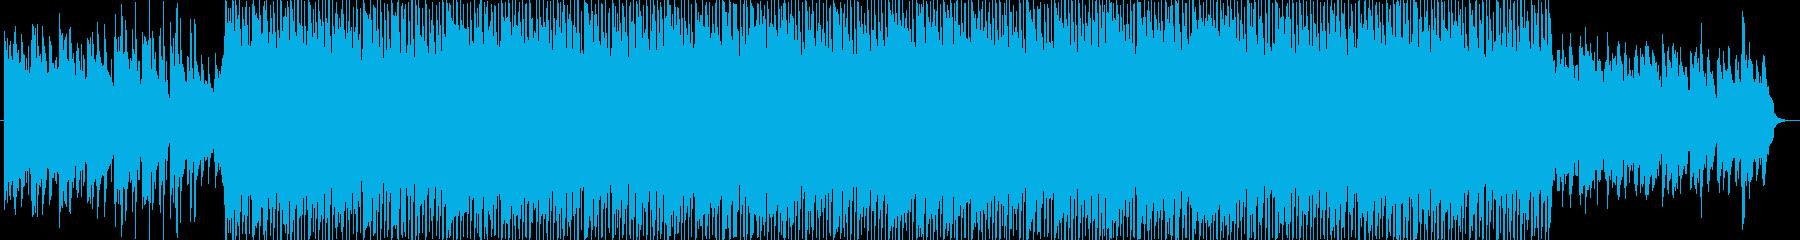 リズミックなポップBGMの再生済みの波形